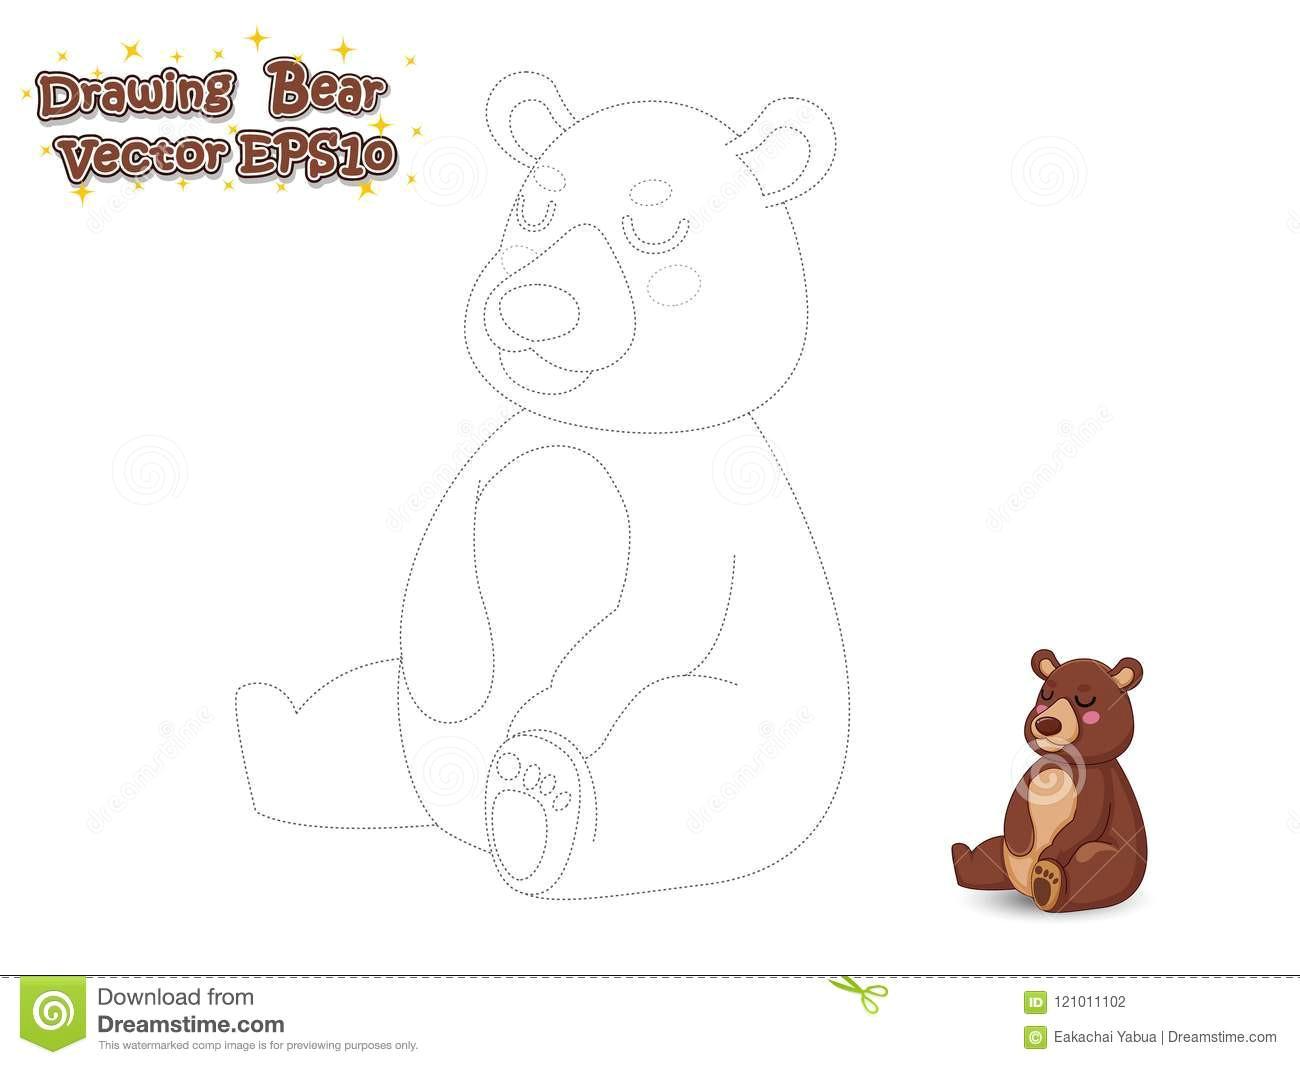 Drawing Cartoons Bear Drawing and Paint Cute Bear Cartoon Educational Game for Kids